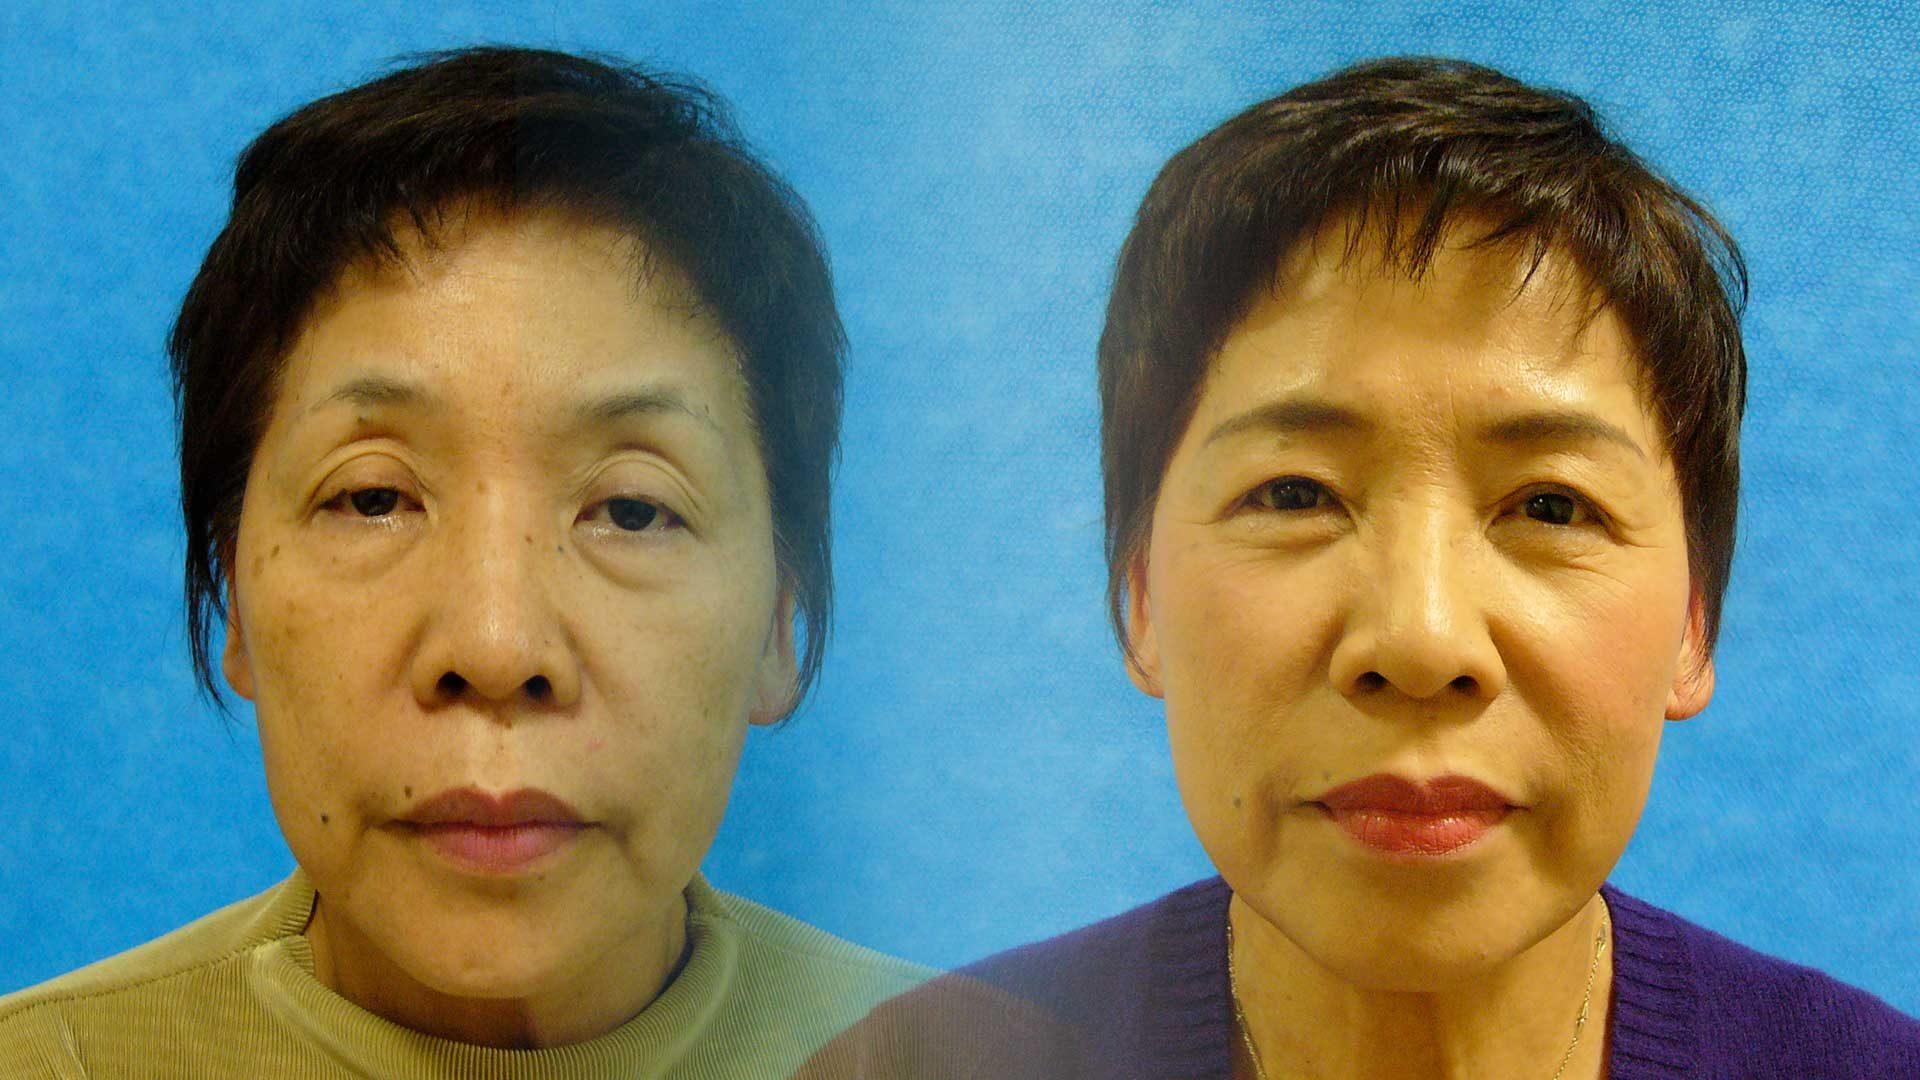 眠たそうに見られがちな目元を改善する治療が保険適用で受診することができます。